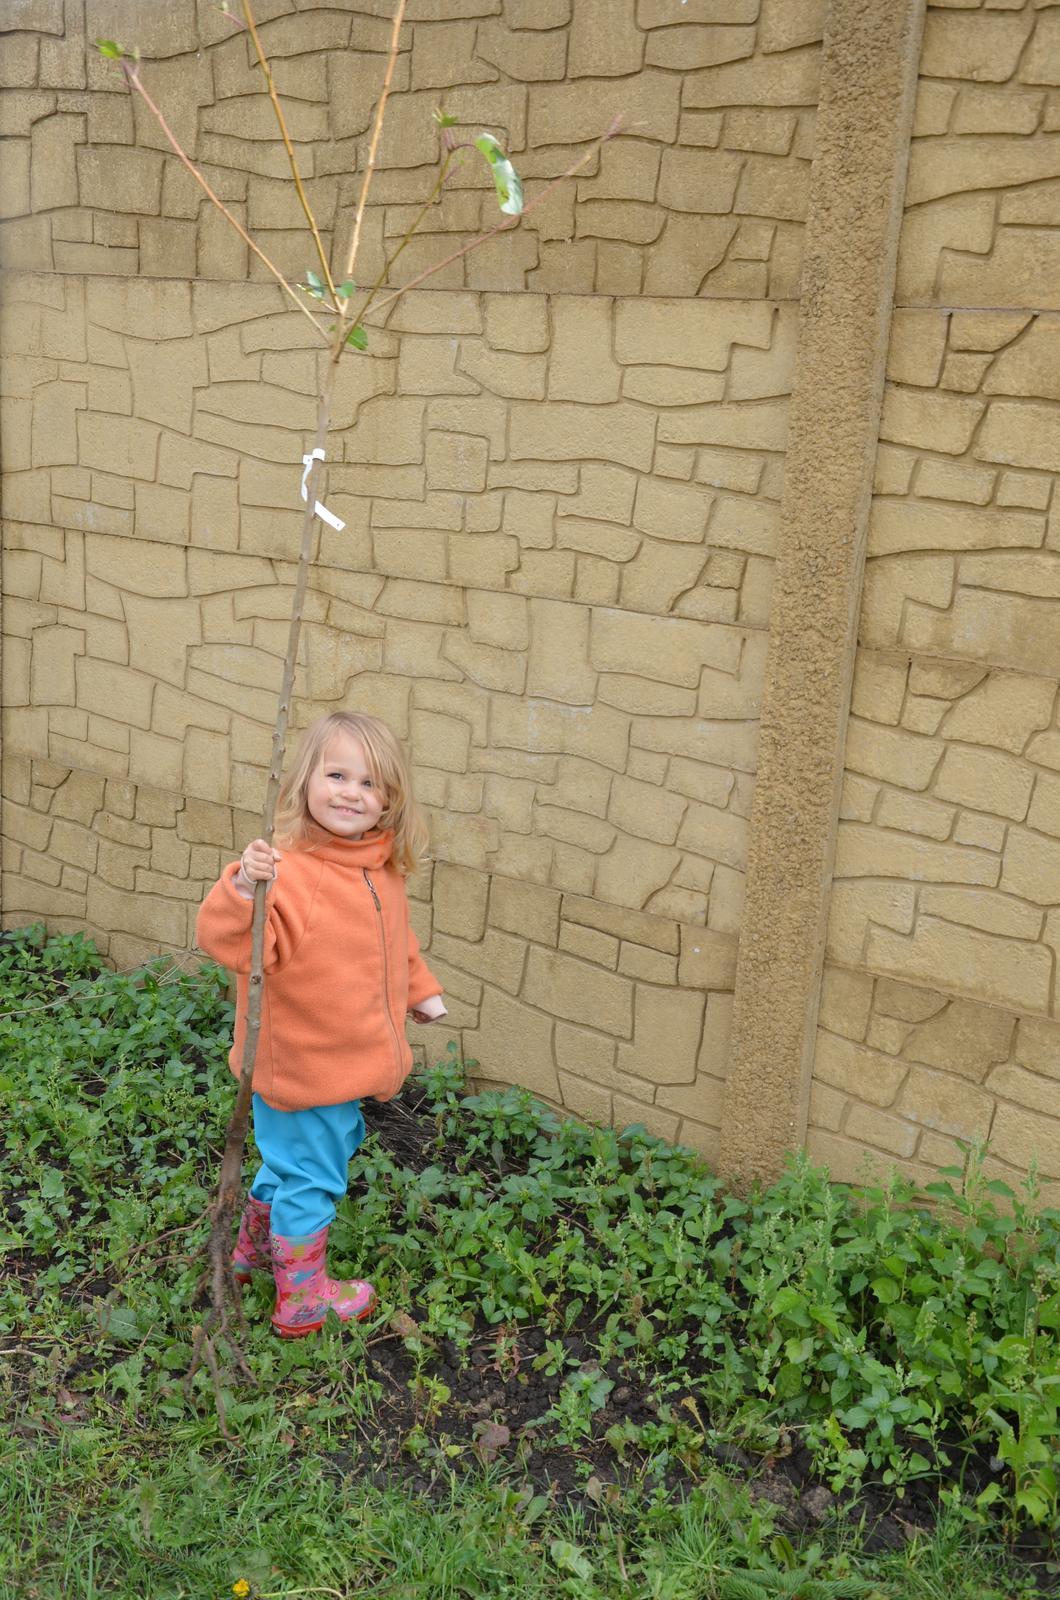 Vysněná zahrada... - 18.10.2015 sadíme ovocné stromy:-)